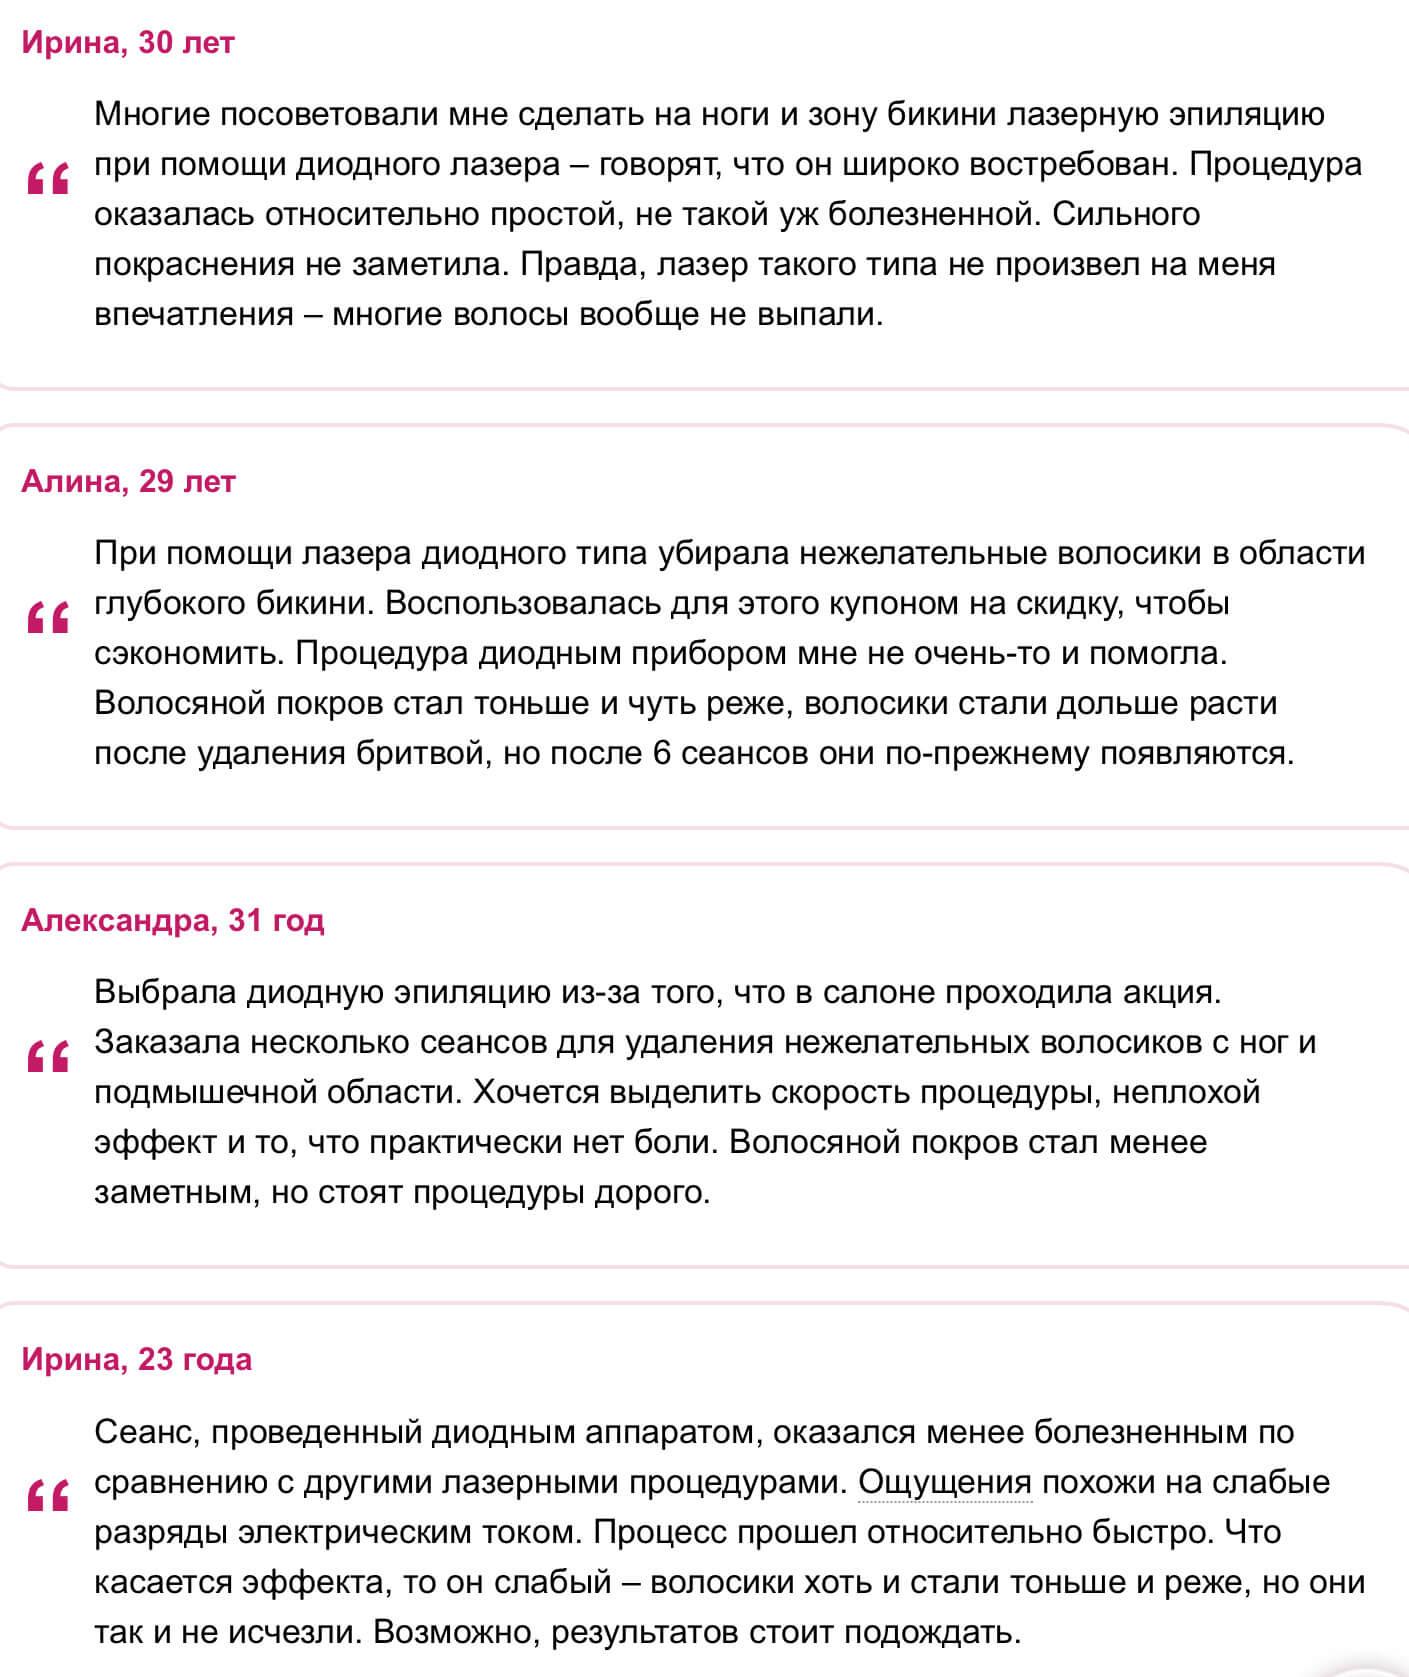 Otzyivyi o lazerah dlya e`pilyatsii - Какой лазер лучше диодный или александритовый